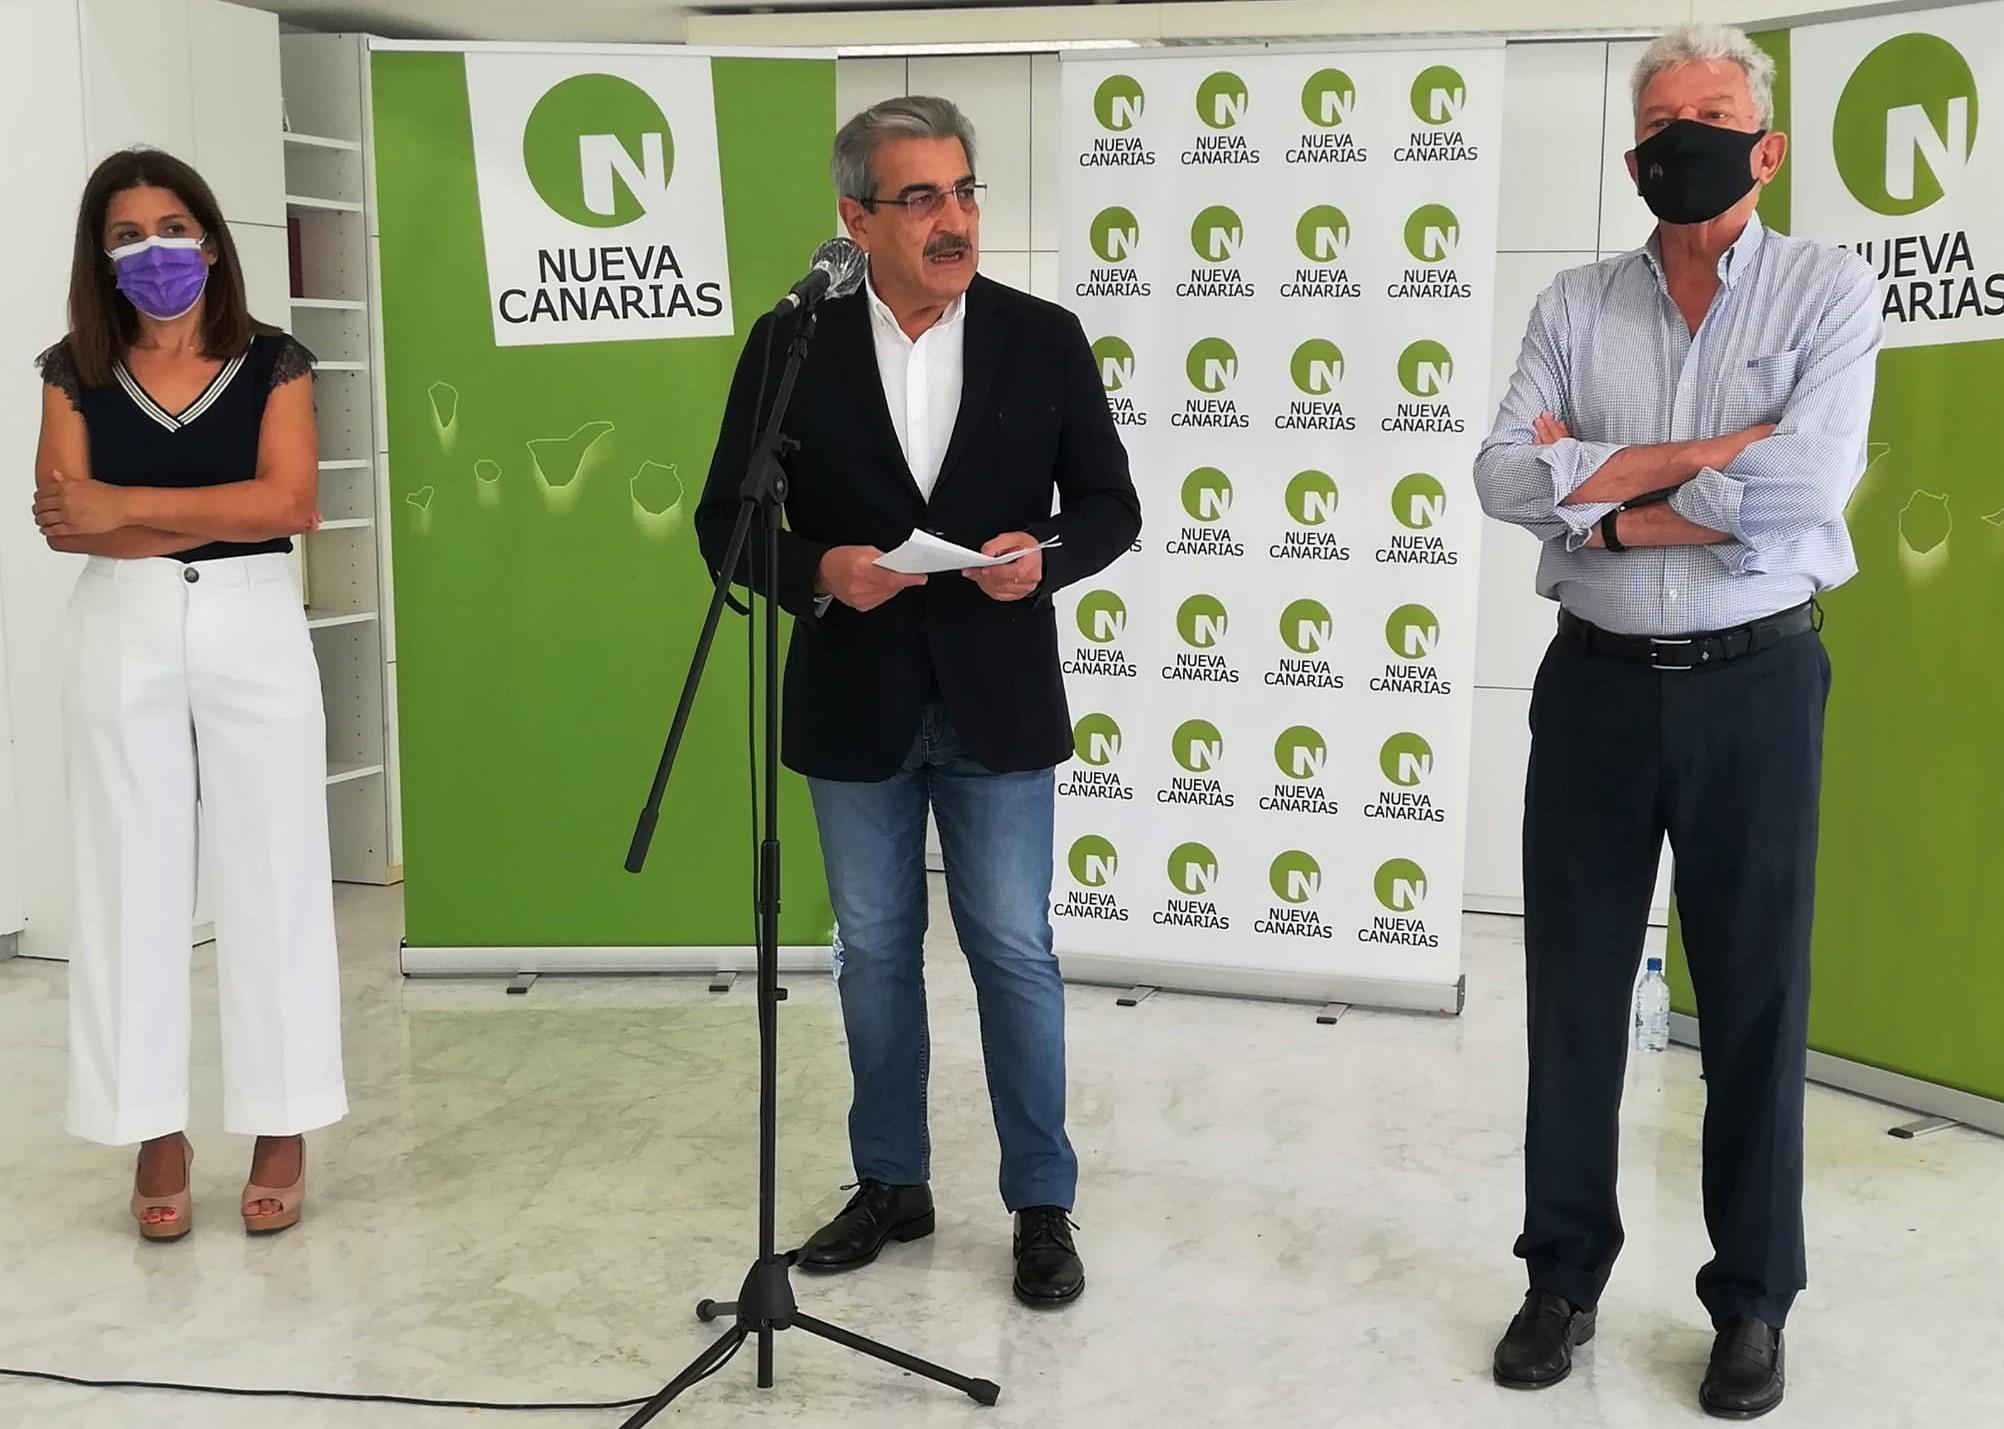 Nueva Canarias convoca su V Congreso / CanariasNoticias.es